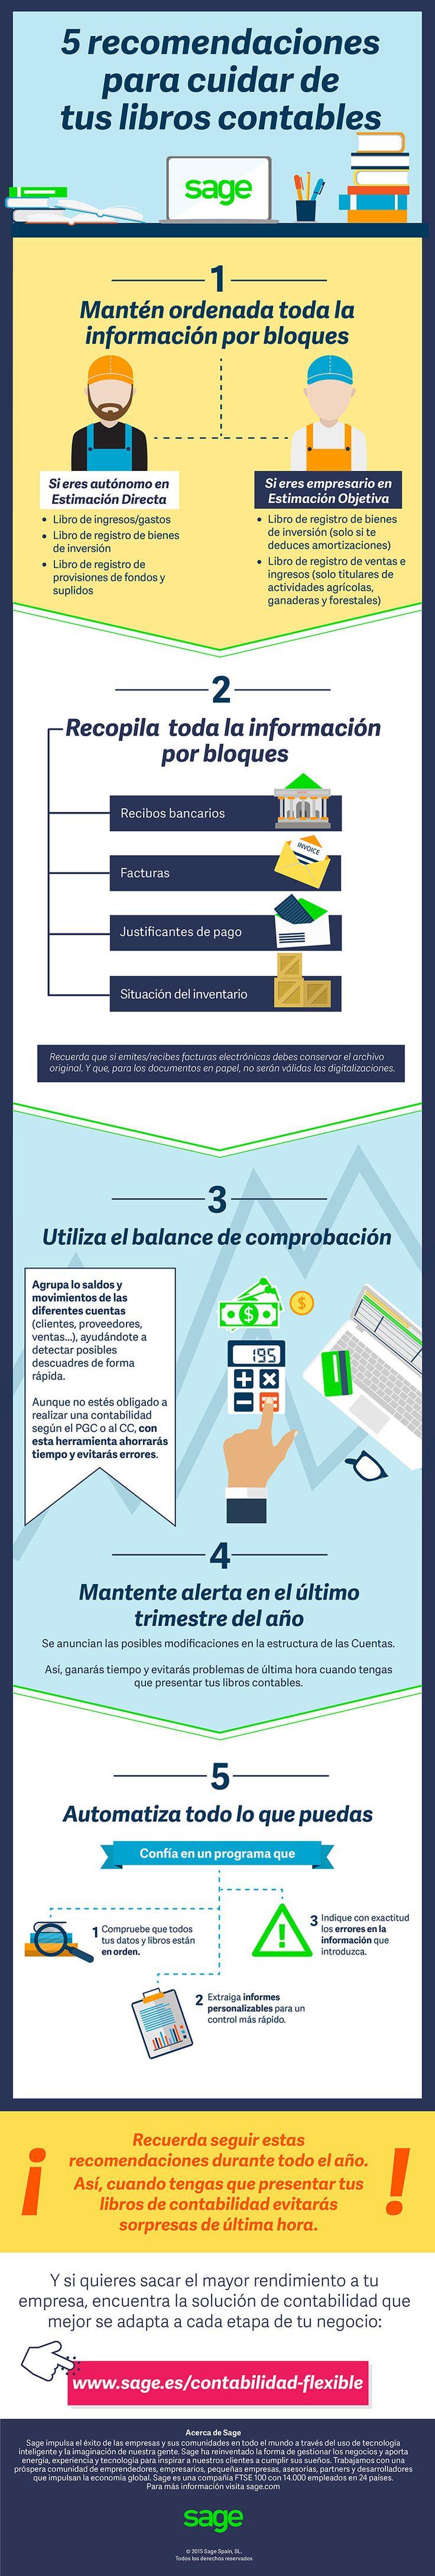 5 recomendaciones para cuidar tus libros contables #infografia